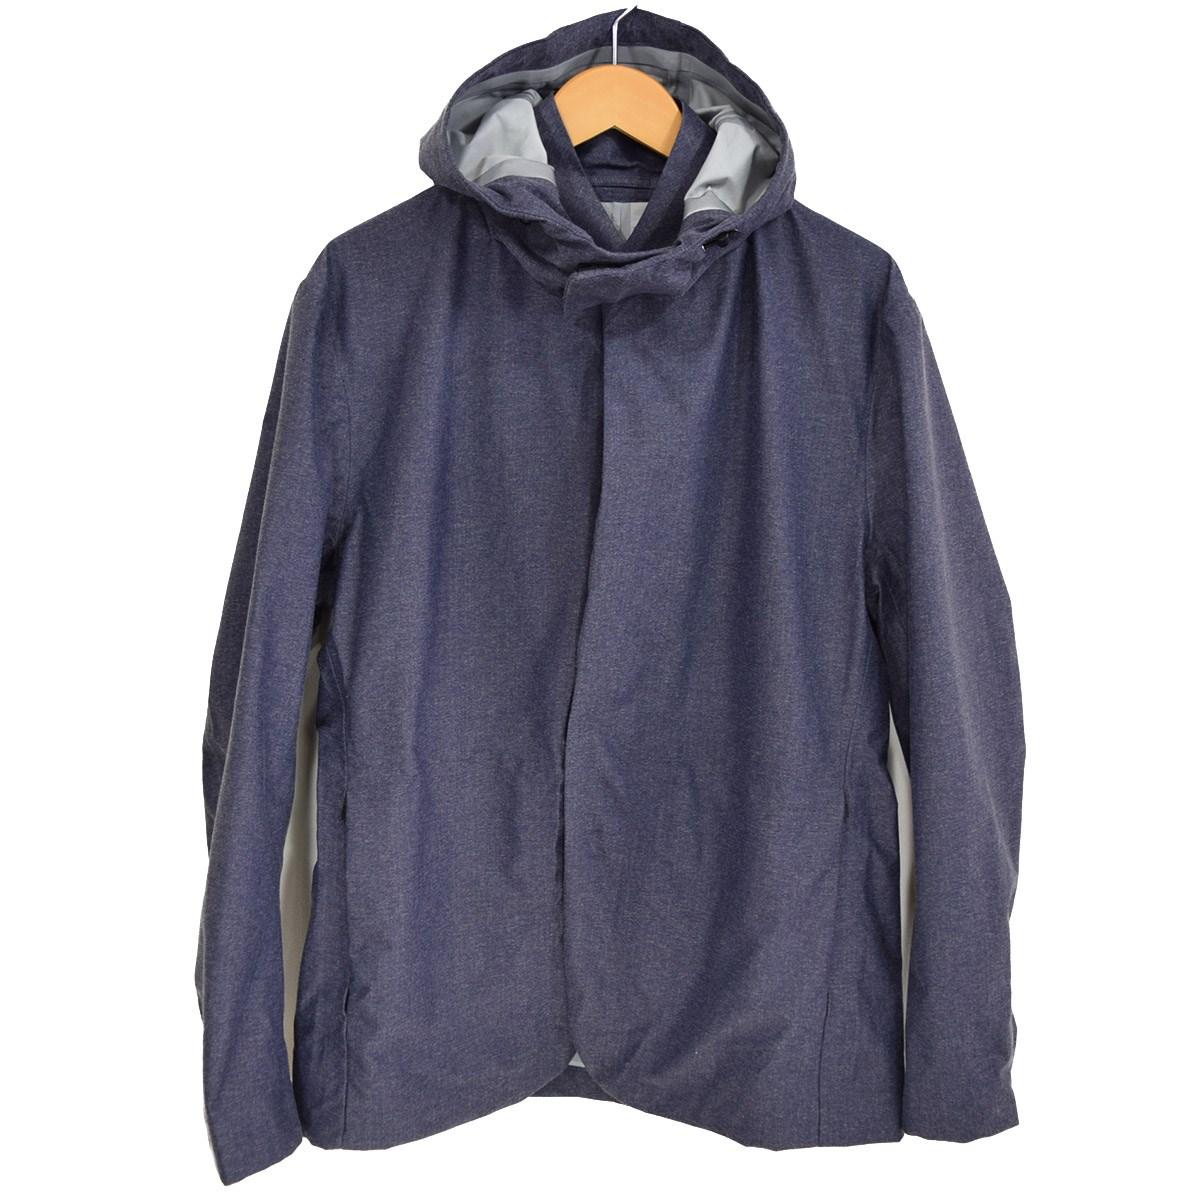 【中古】MINOTAUR WATERPROOF フード付 テーラードジャケット インディゴ サイズ:L 【160420】(ミノトール)